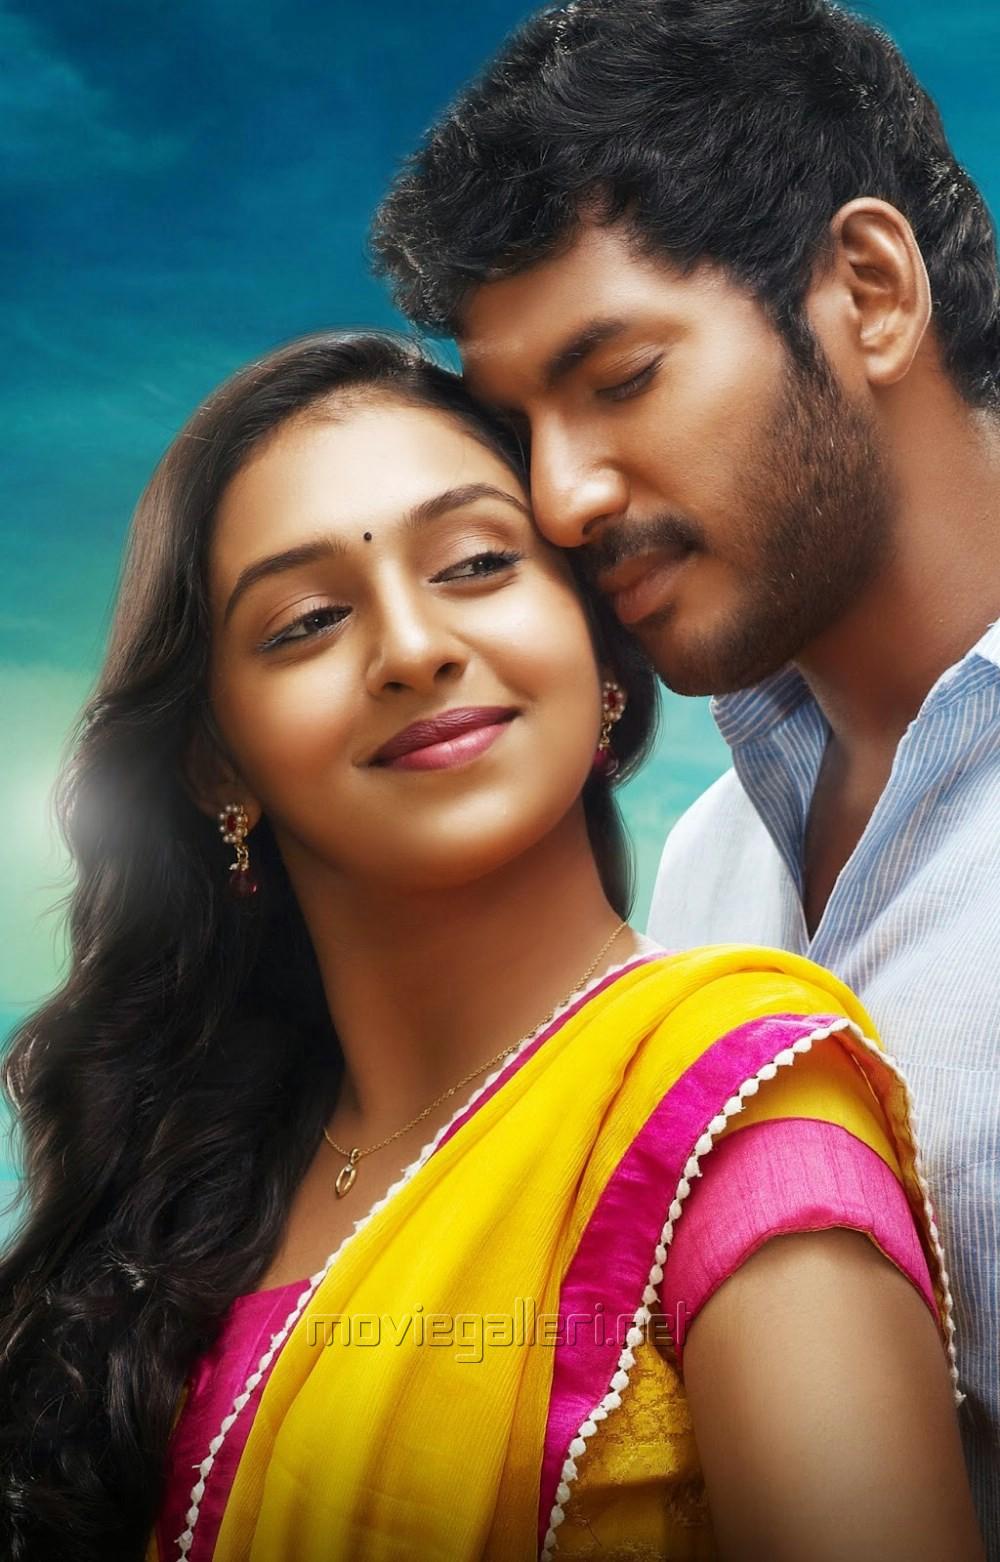 Picture 689513 | Lakshmi Menon, Vishal in Naan Sigappu ... Naan Sigappu Manithan Lakshmi Menon Hot Stills